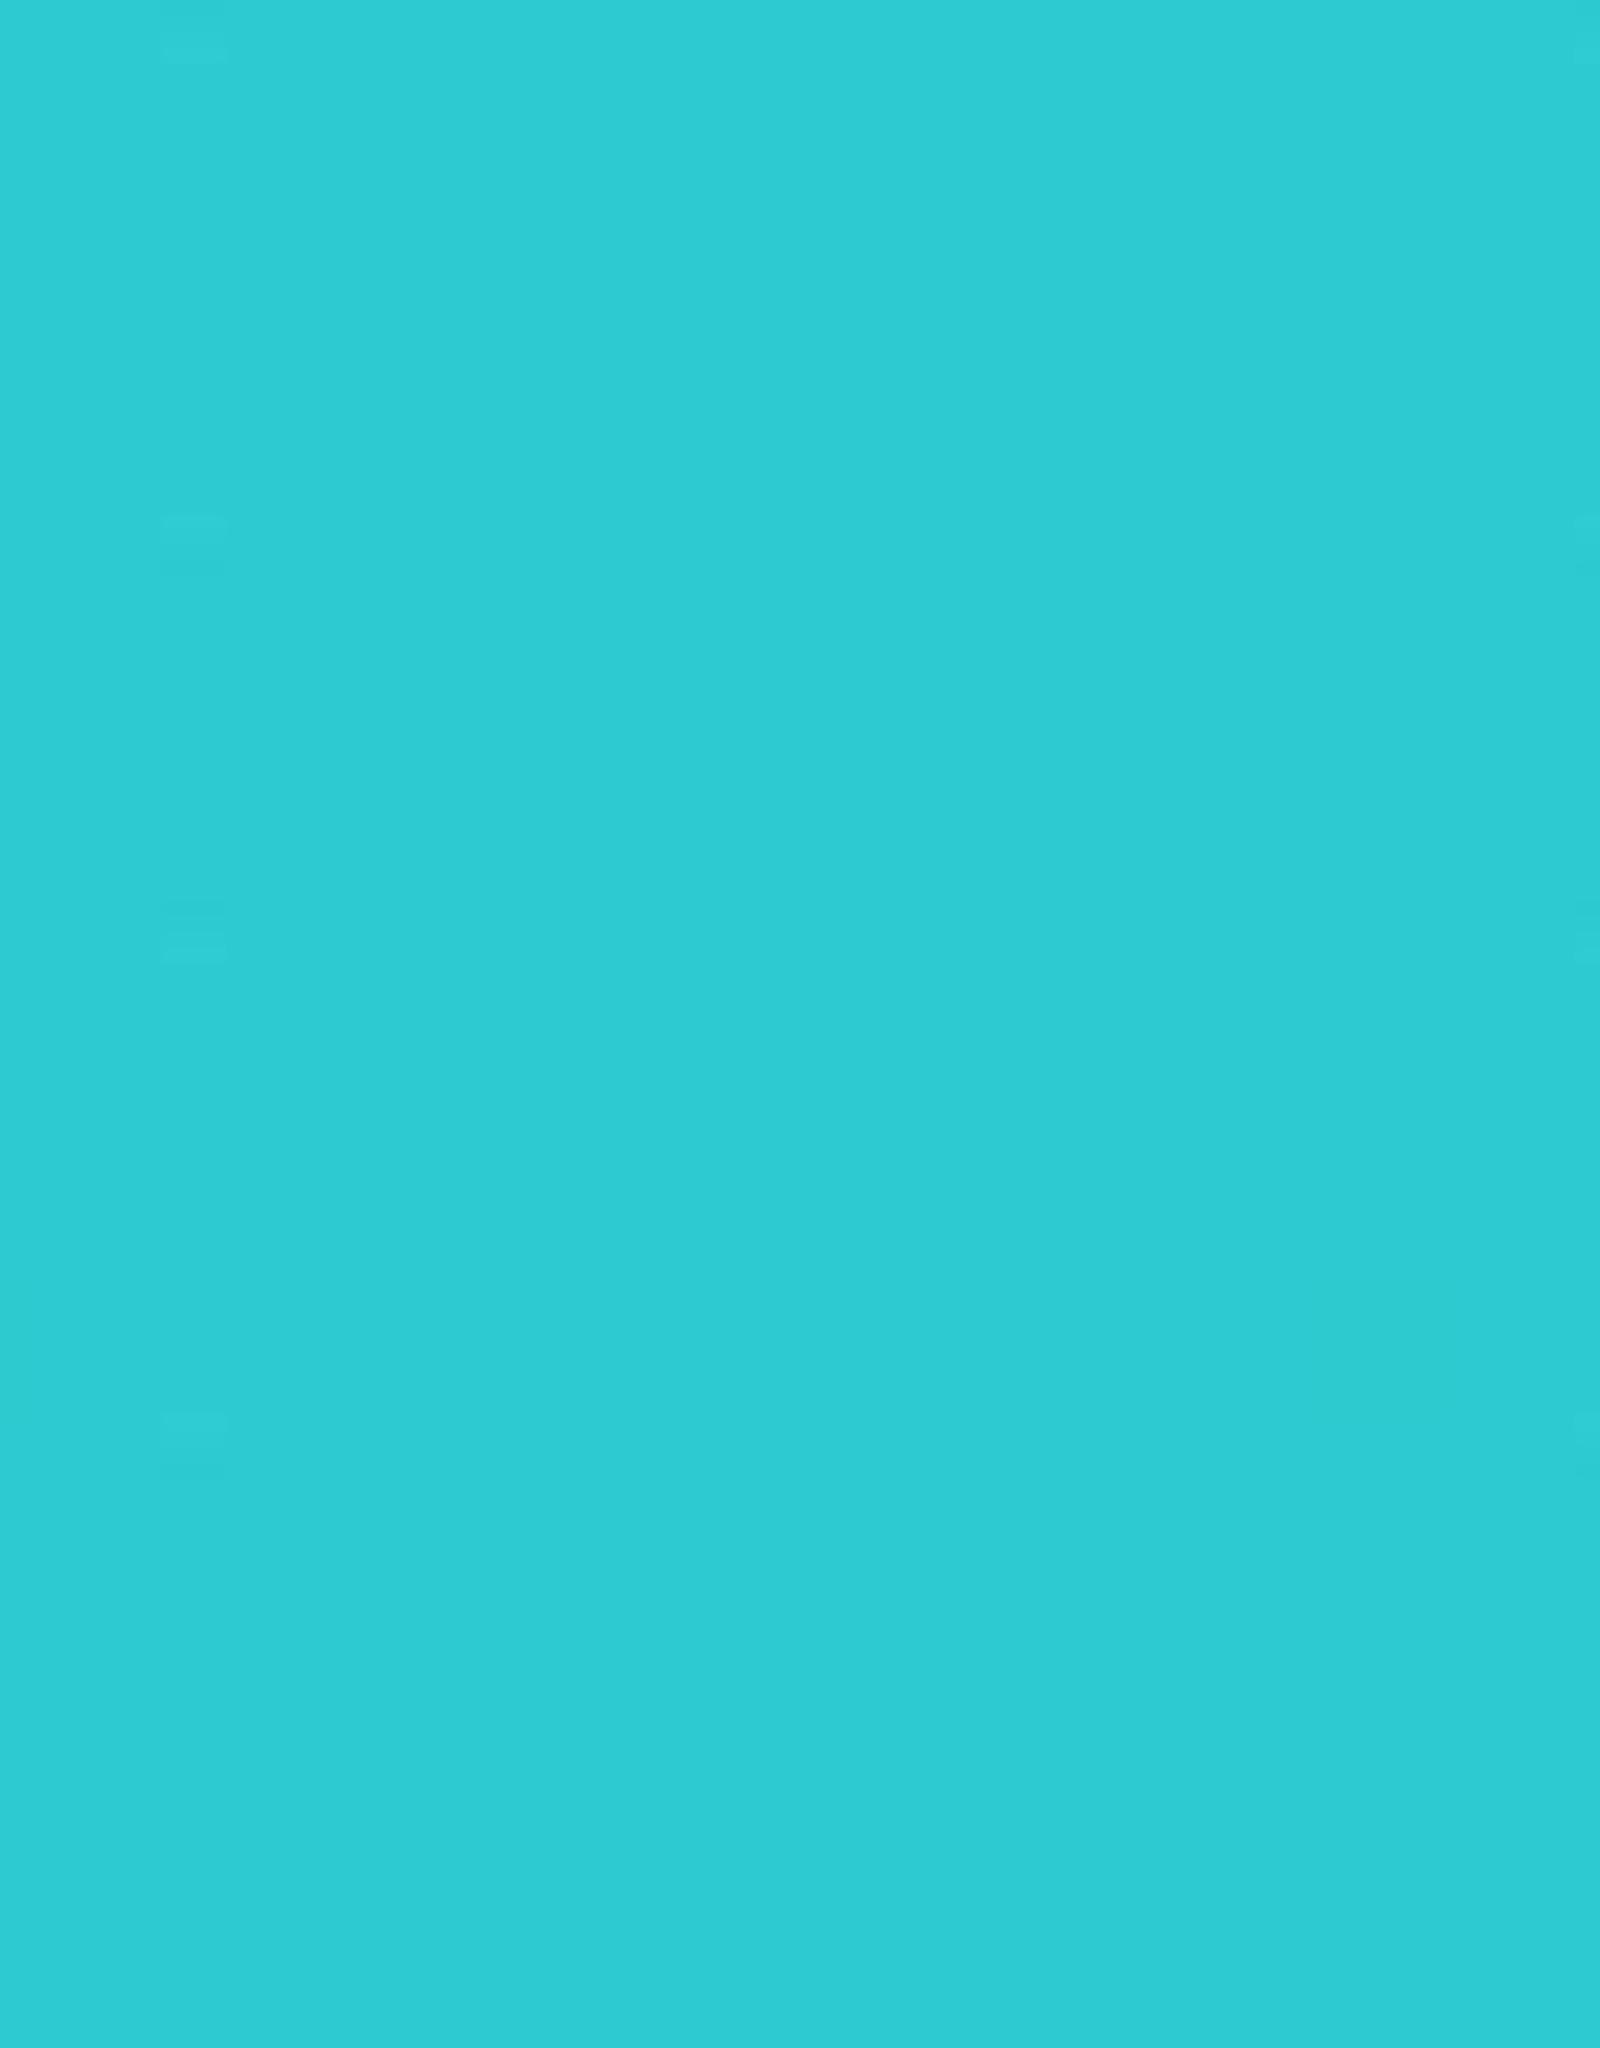 Vinyl op rol - Turquoise